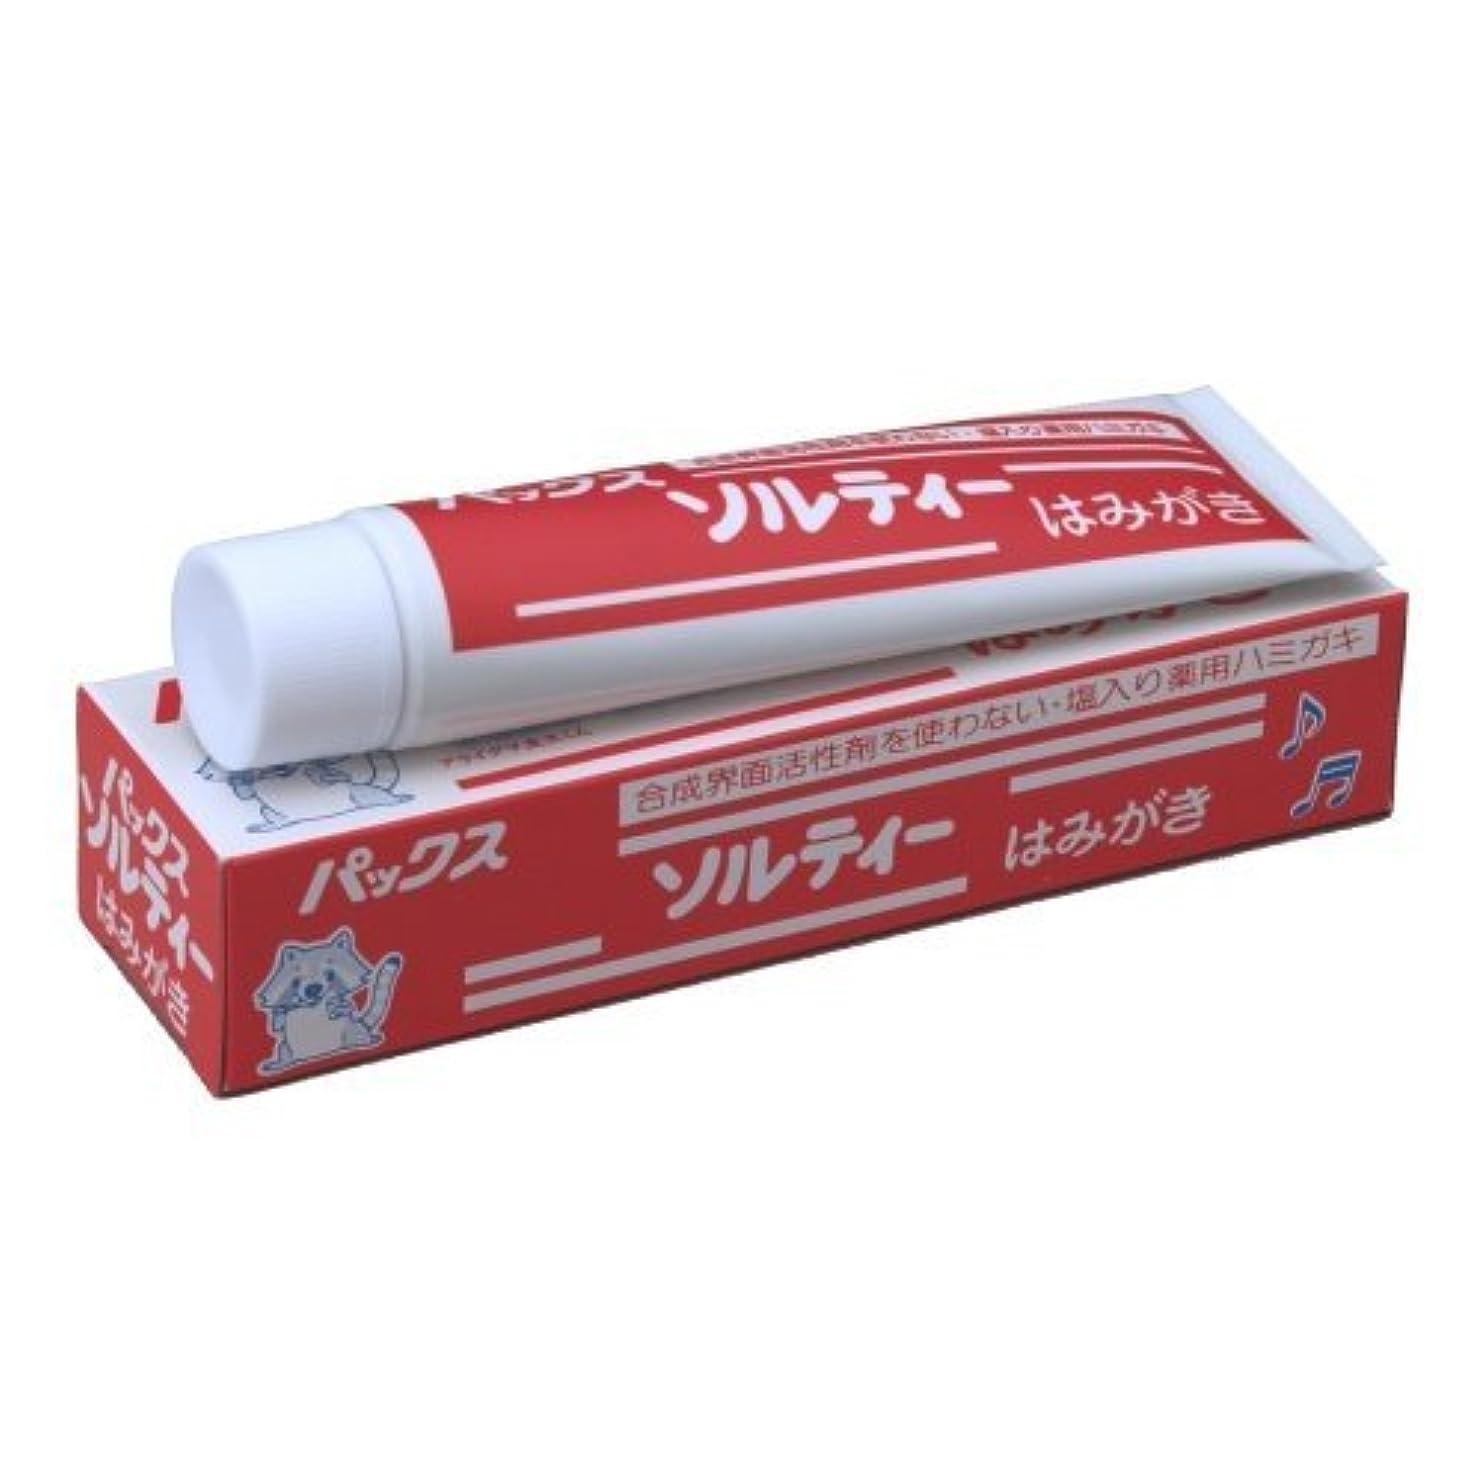 ホーム長方形乙女パックスソルティーはみがき 80g (塩歯磨き粉)